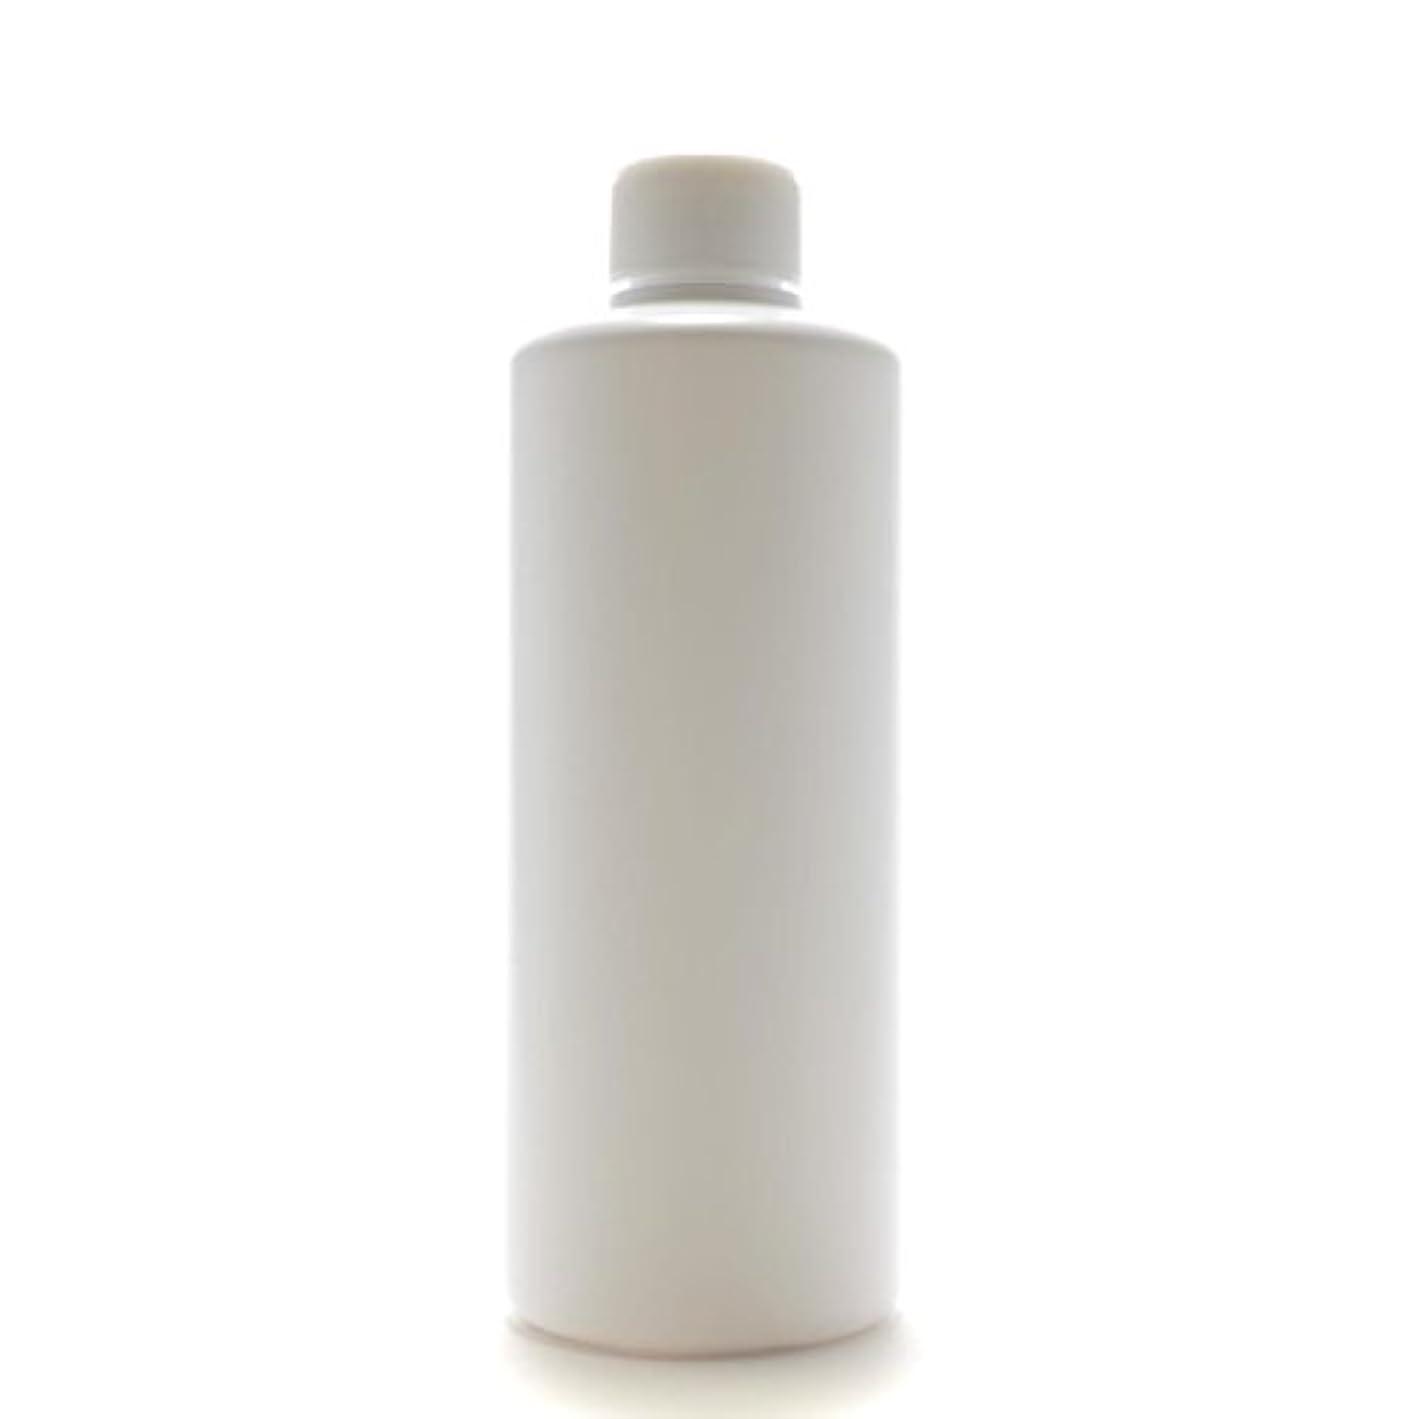 地獄スクラッチ翻訳するプラスチック容器 300mL PE ストレートボトル ホワイト【スクリューキャップ:ホワイト 中栓付き】